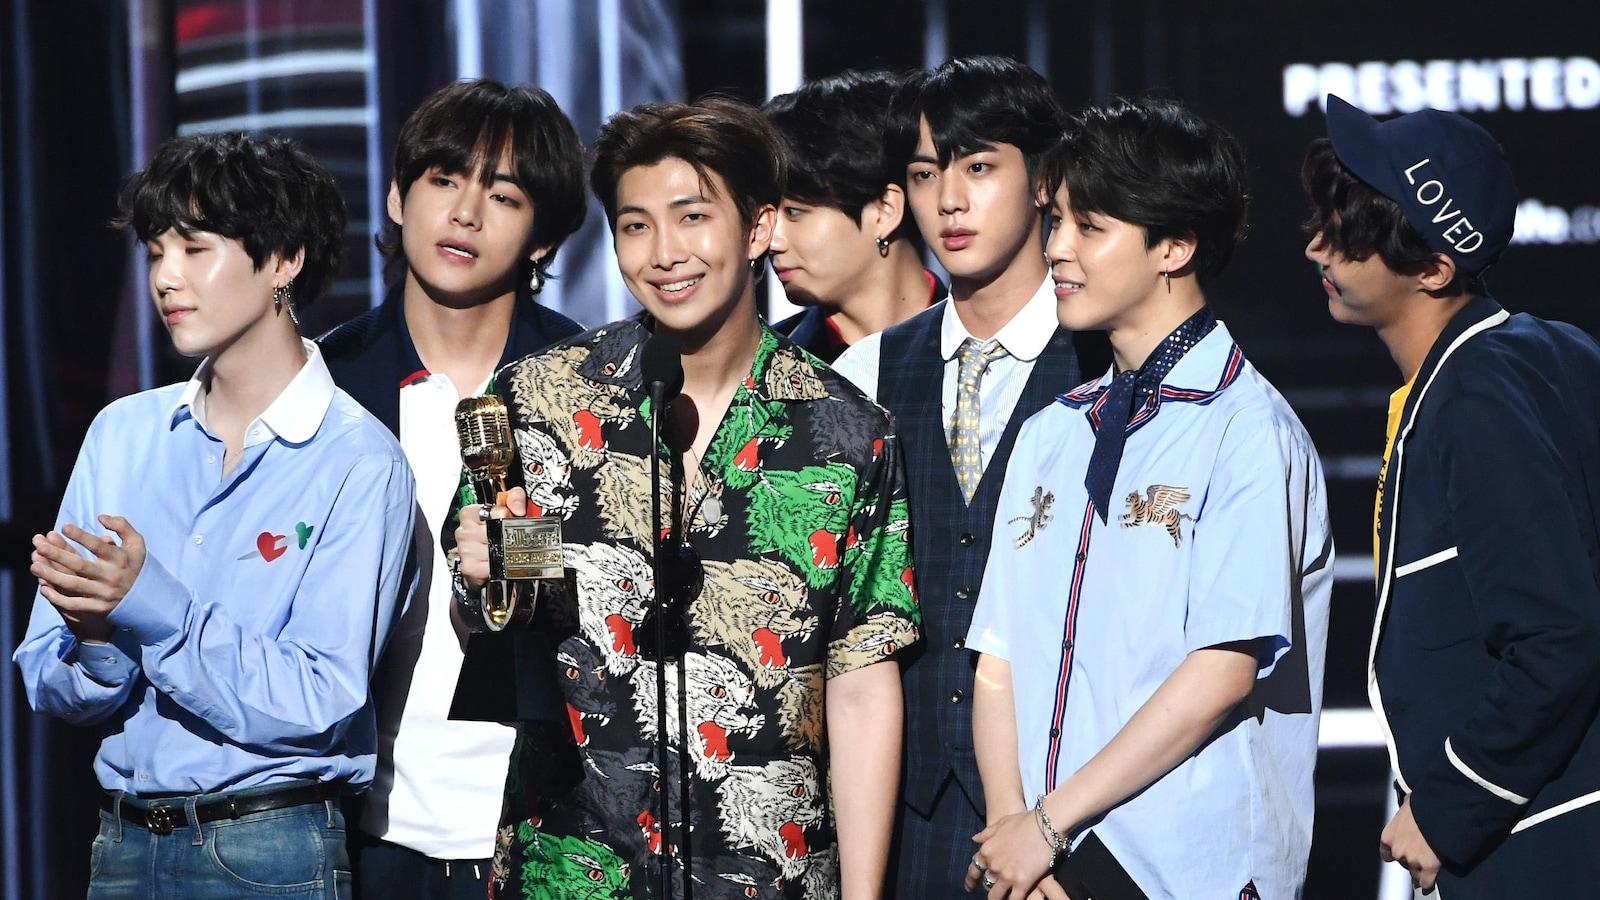 Le groupe Bangtan Boys (BTS) recevant un trophée aux Billboard Awards 2018 à Las Vegas